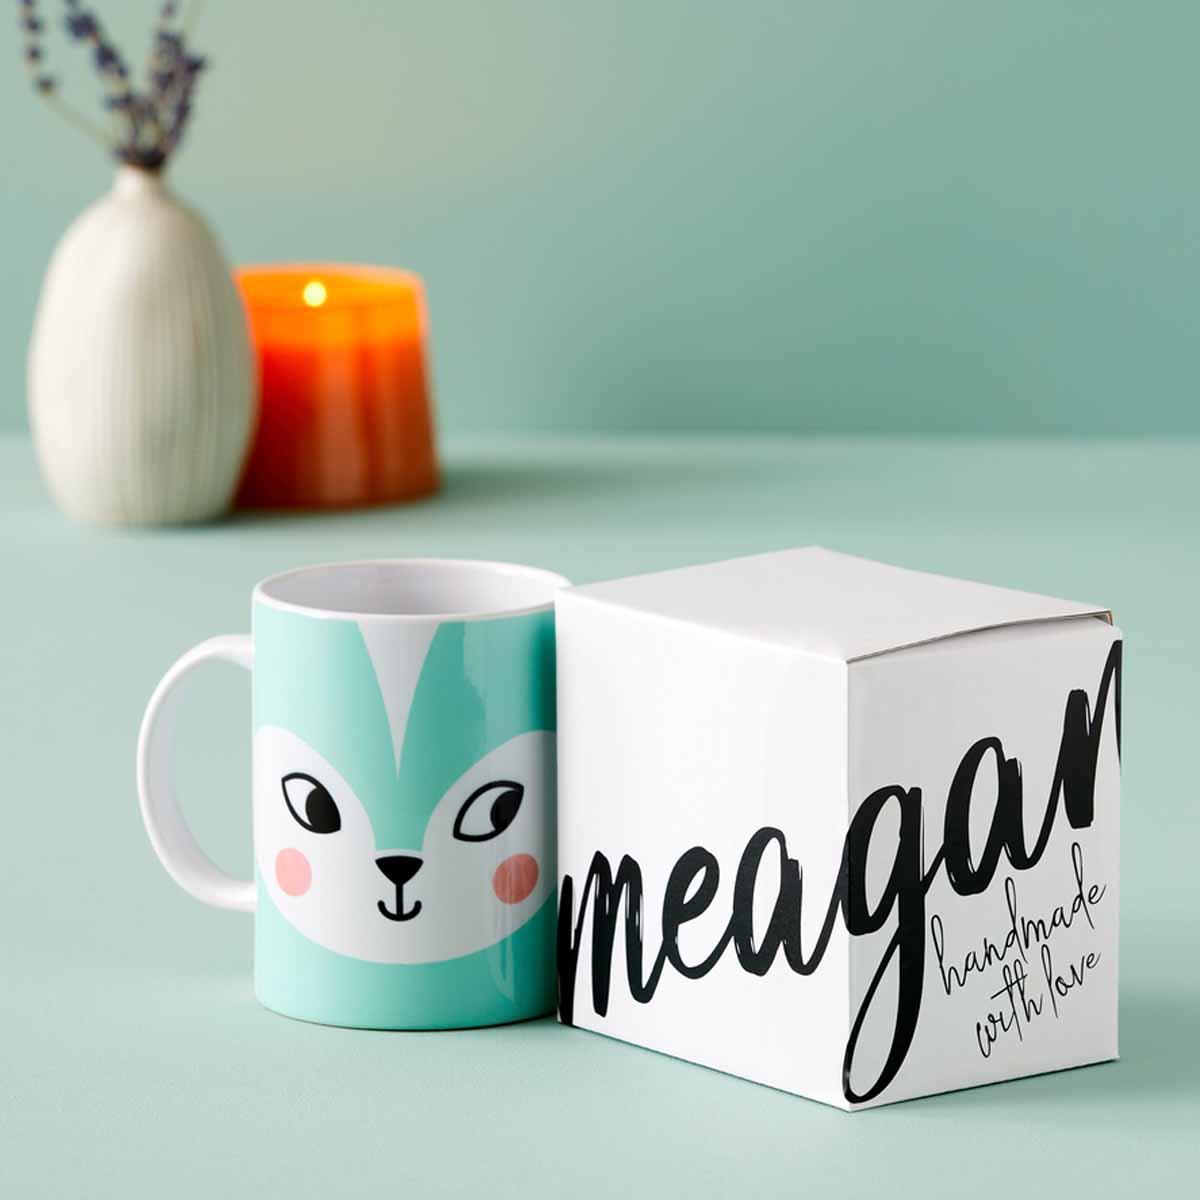 DIY mug and gift box with Cricut